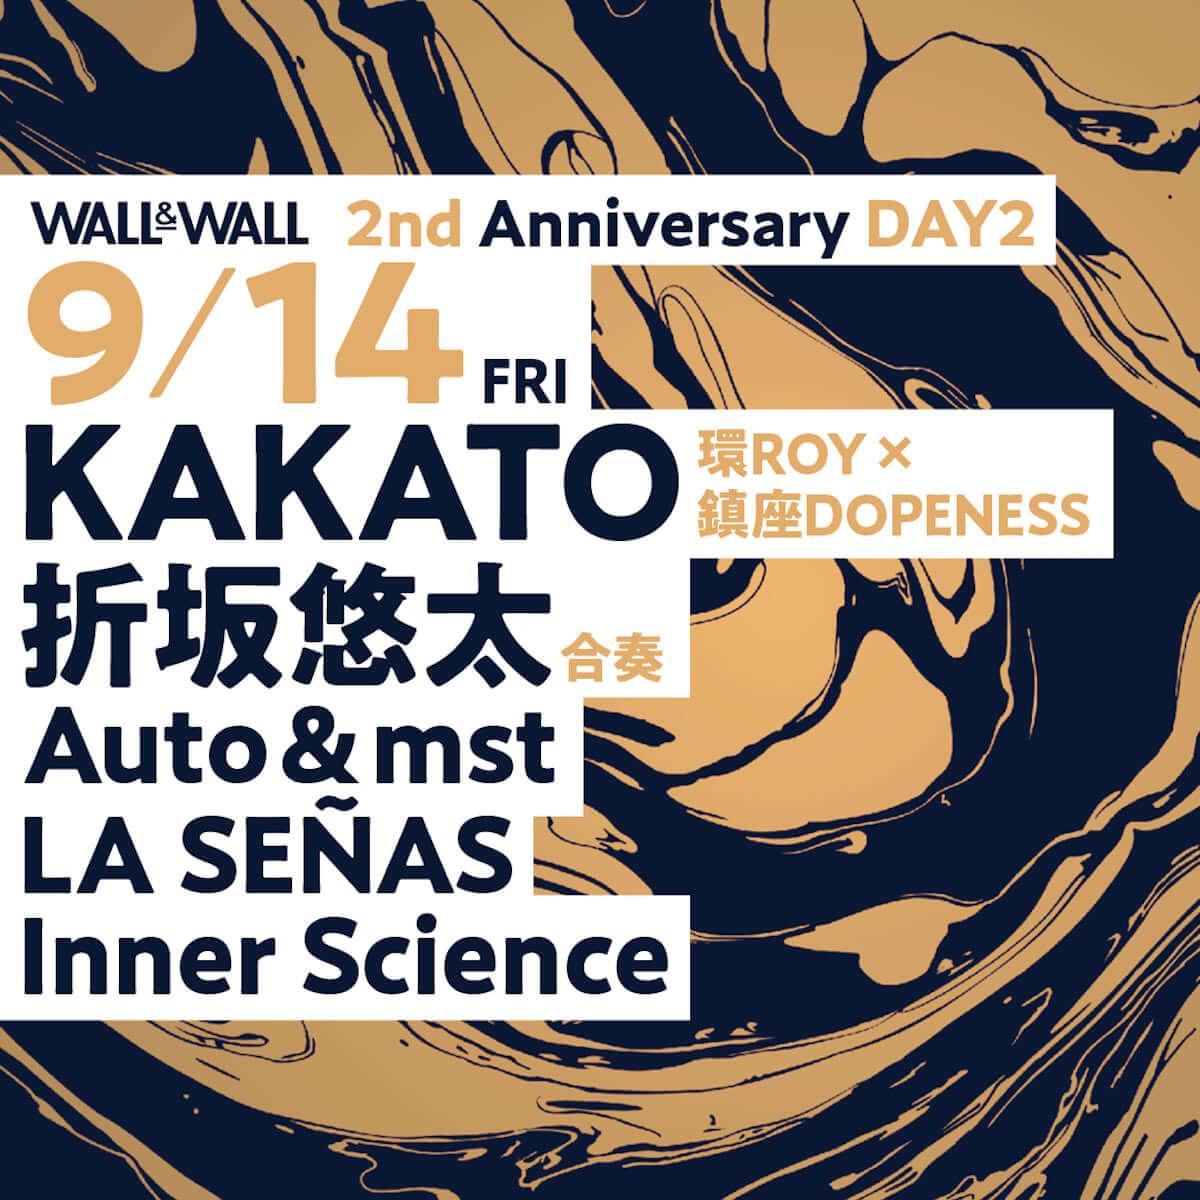 表参道WALL&WALLの2周年公演2日目にKAKATOや折坂悠太らが登場 music180828-wallandwalltokyo-1-1-1200x1200